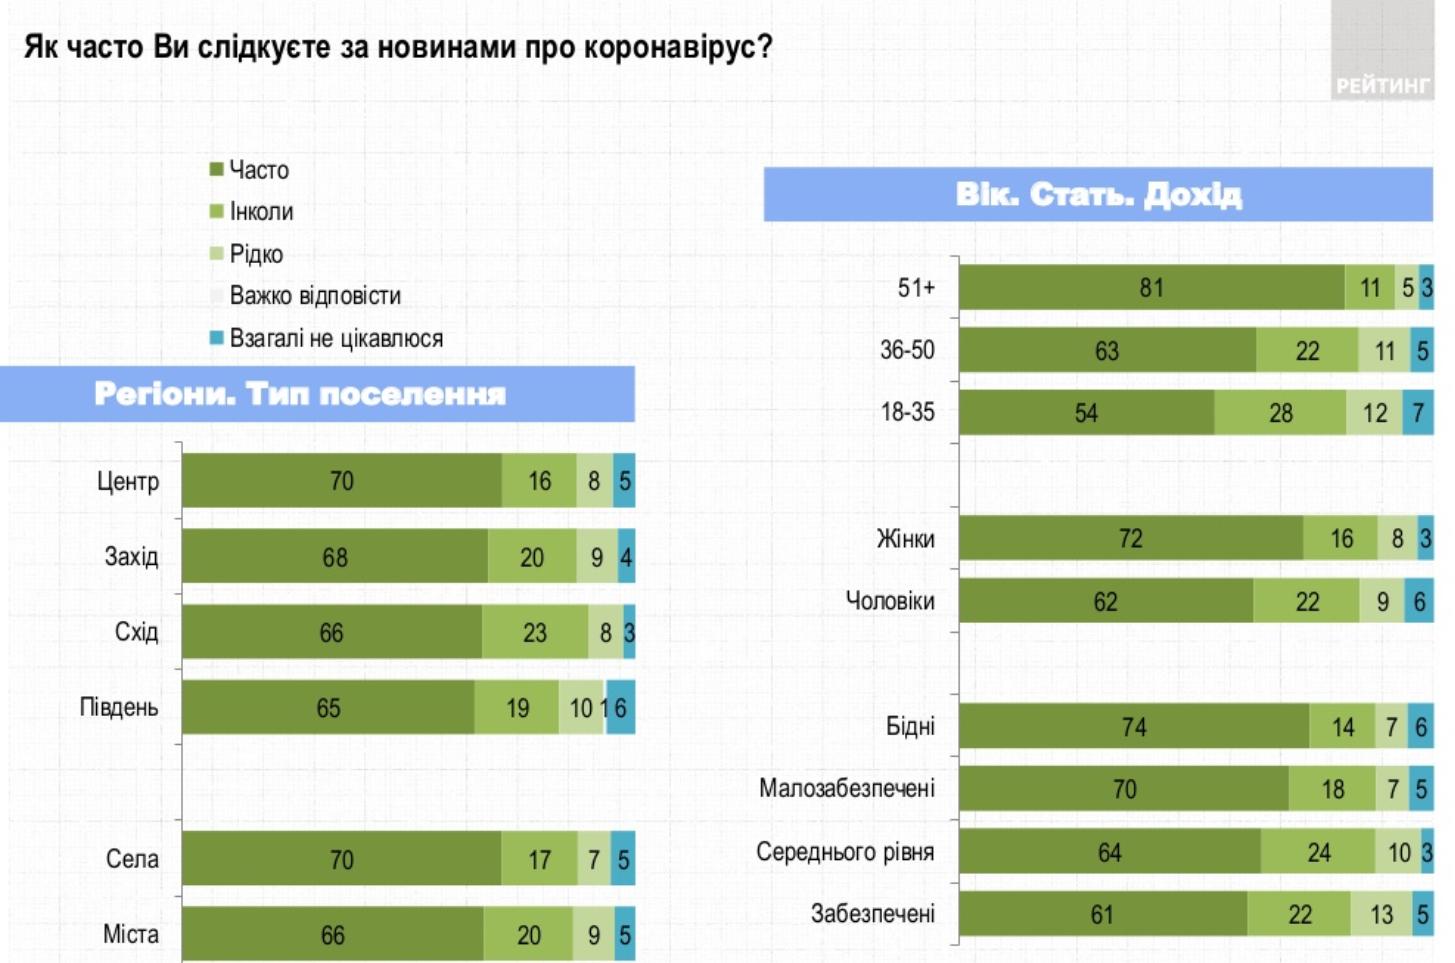 Опрос: Как часто вы следите за новостями о коронавирусе? (по регионам, полу и возрасту)